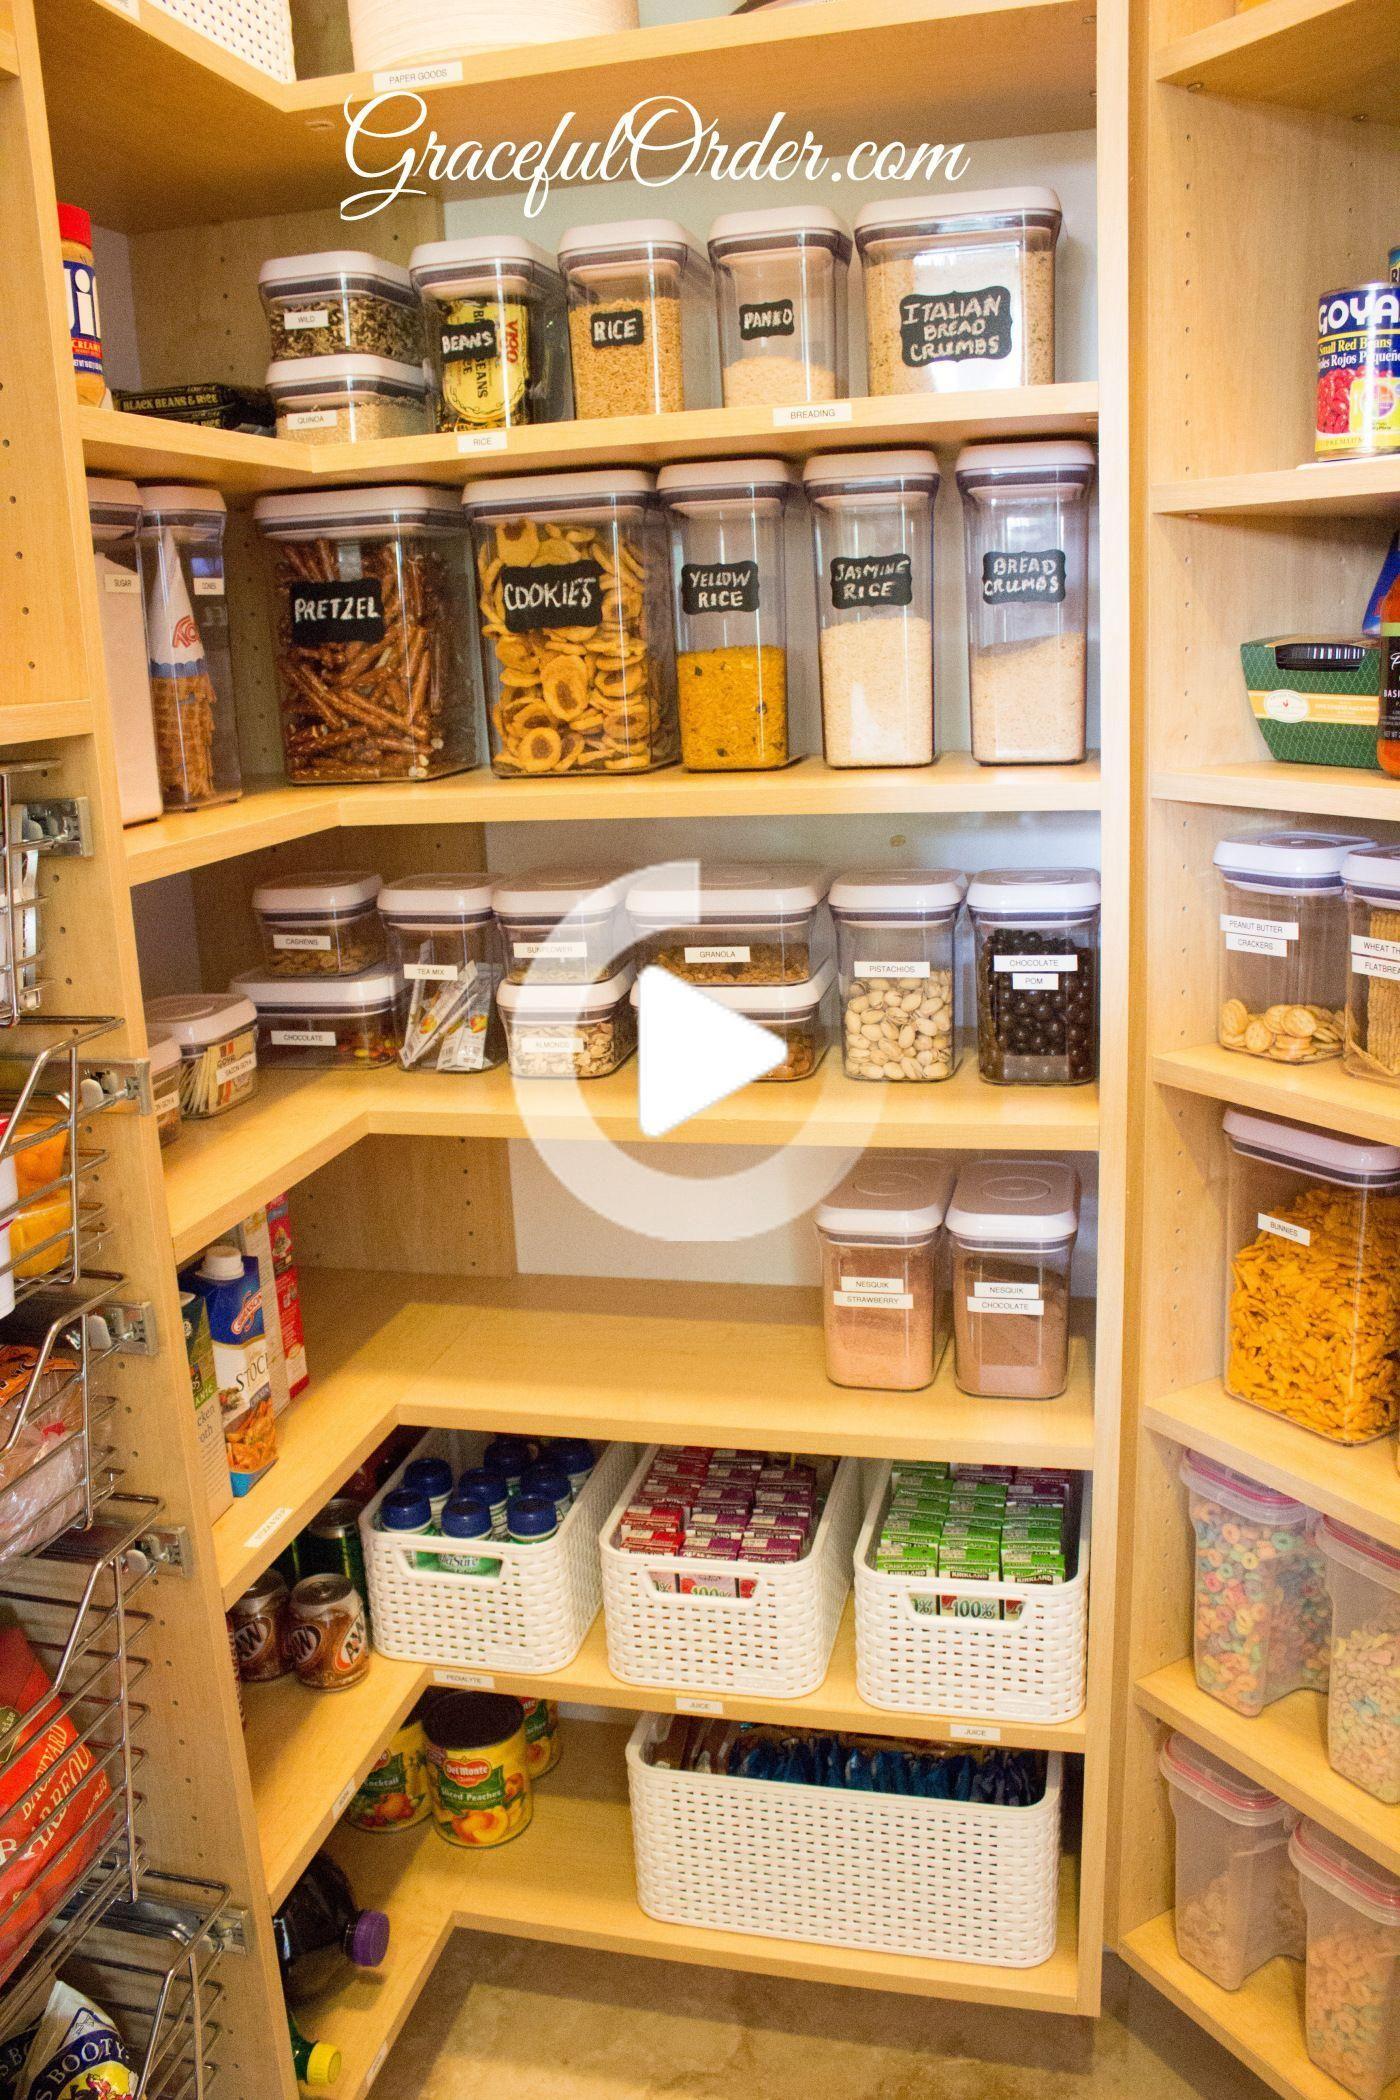 20 Garde Manger De Reve Rangement Garde Manger Garde Manger Cuisine Rangement Cellier Rangement Garde Manger Garde Manger Cuisine Rangement Cellier